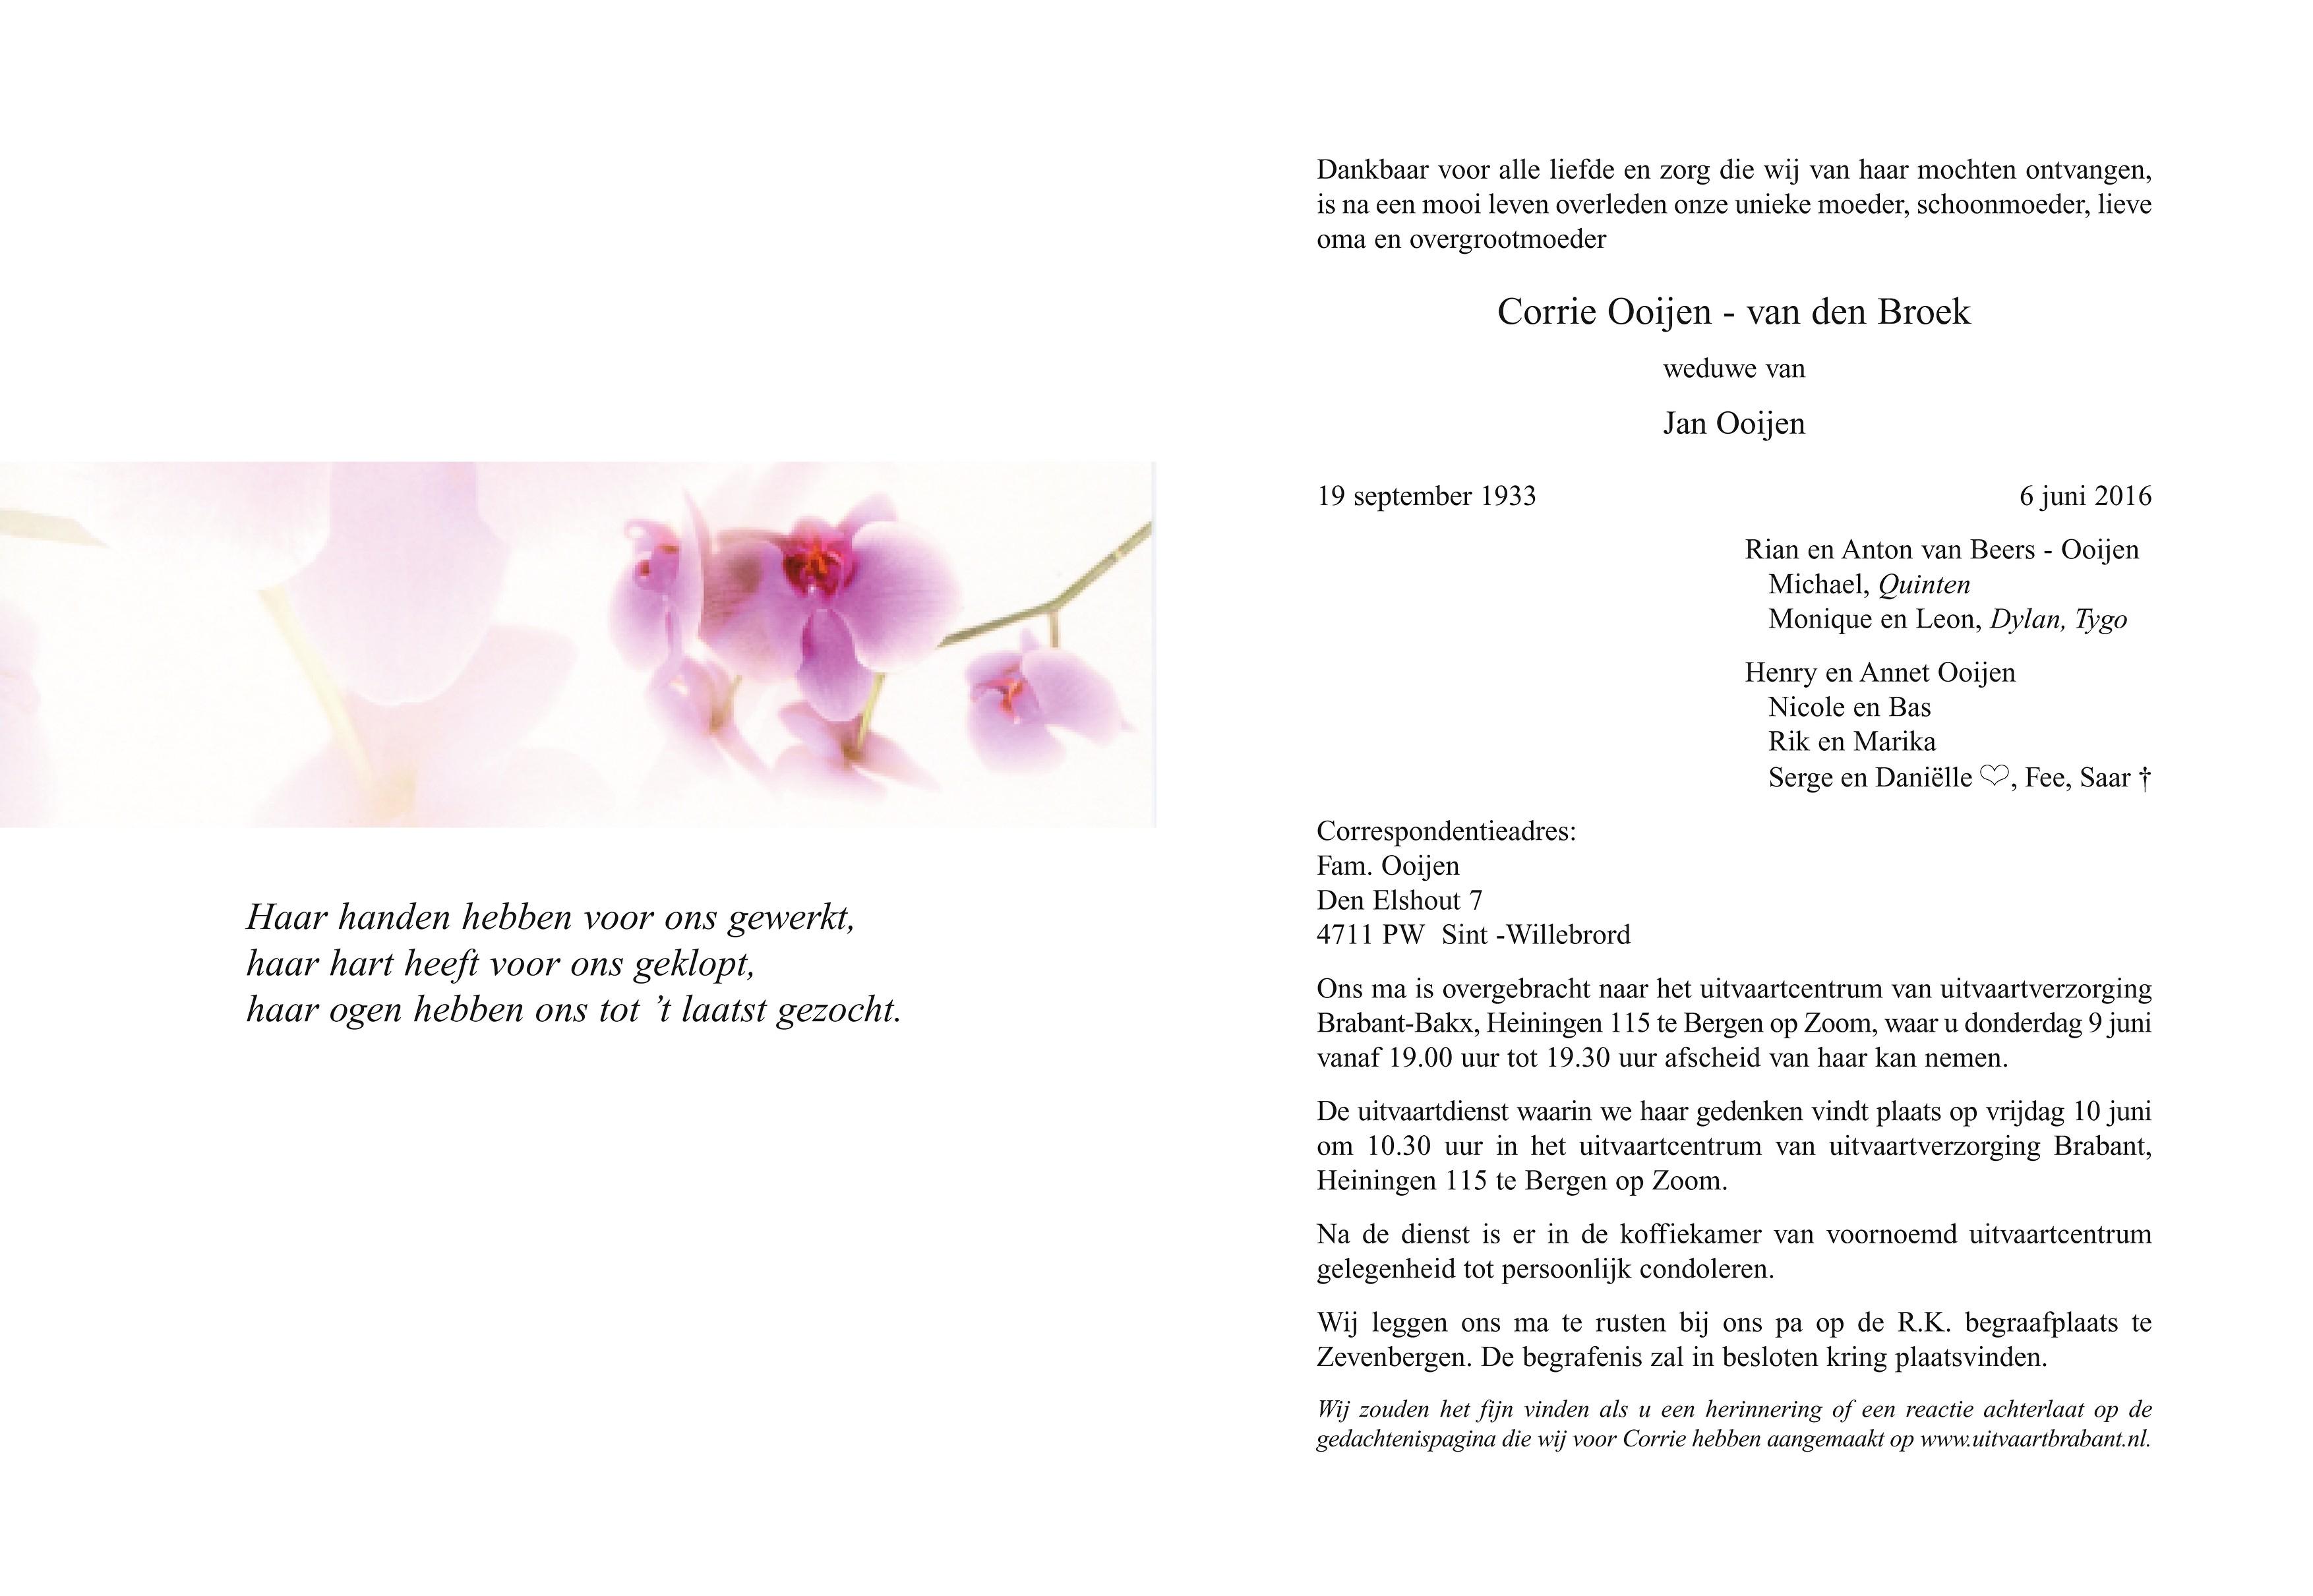 Corrie Ooijen - van den Broek Death notice